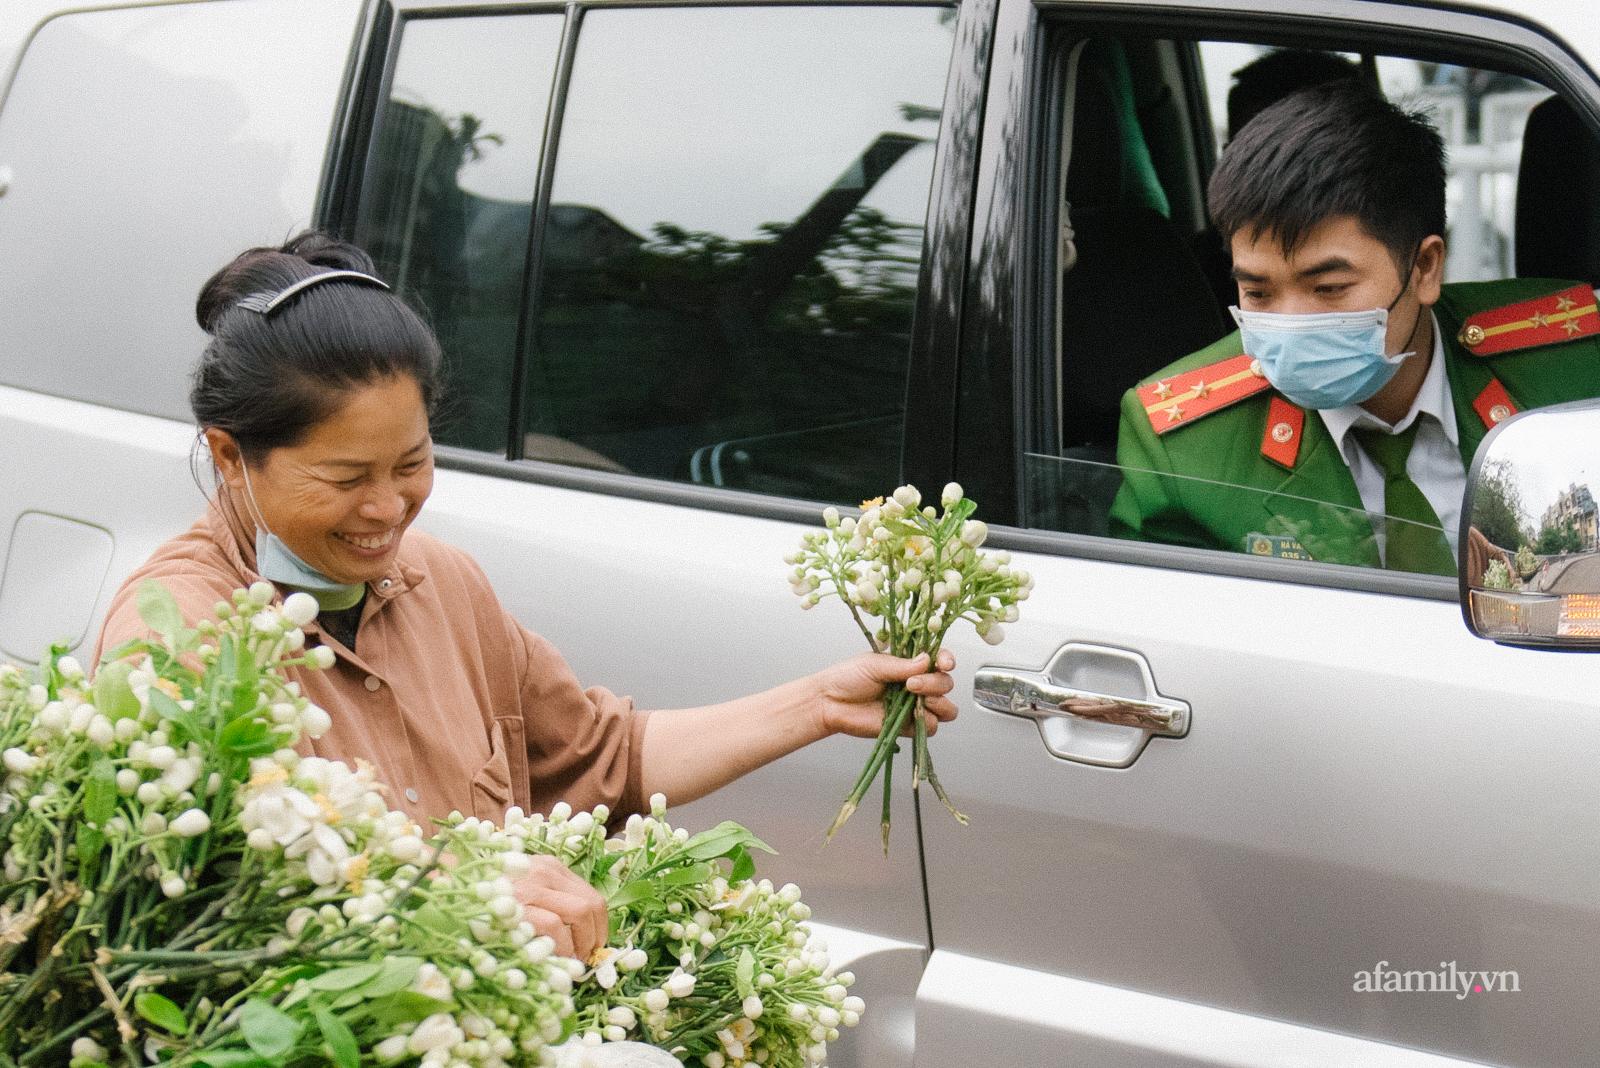 Hoa bưởi và khúc hoan ca với đồ ngọt Hà thành: Không chỉ là ăn, đó là nhâm nhi cả tinh hoa đất trời mùa xuân - Ảnh 3.